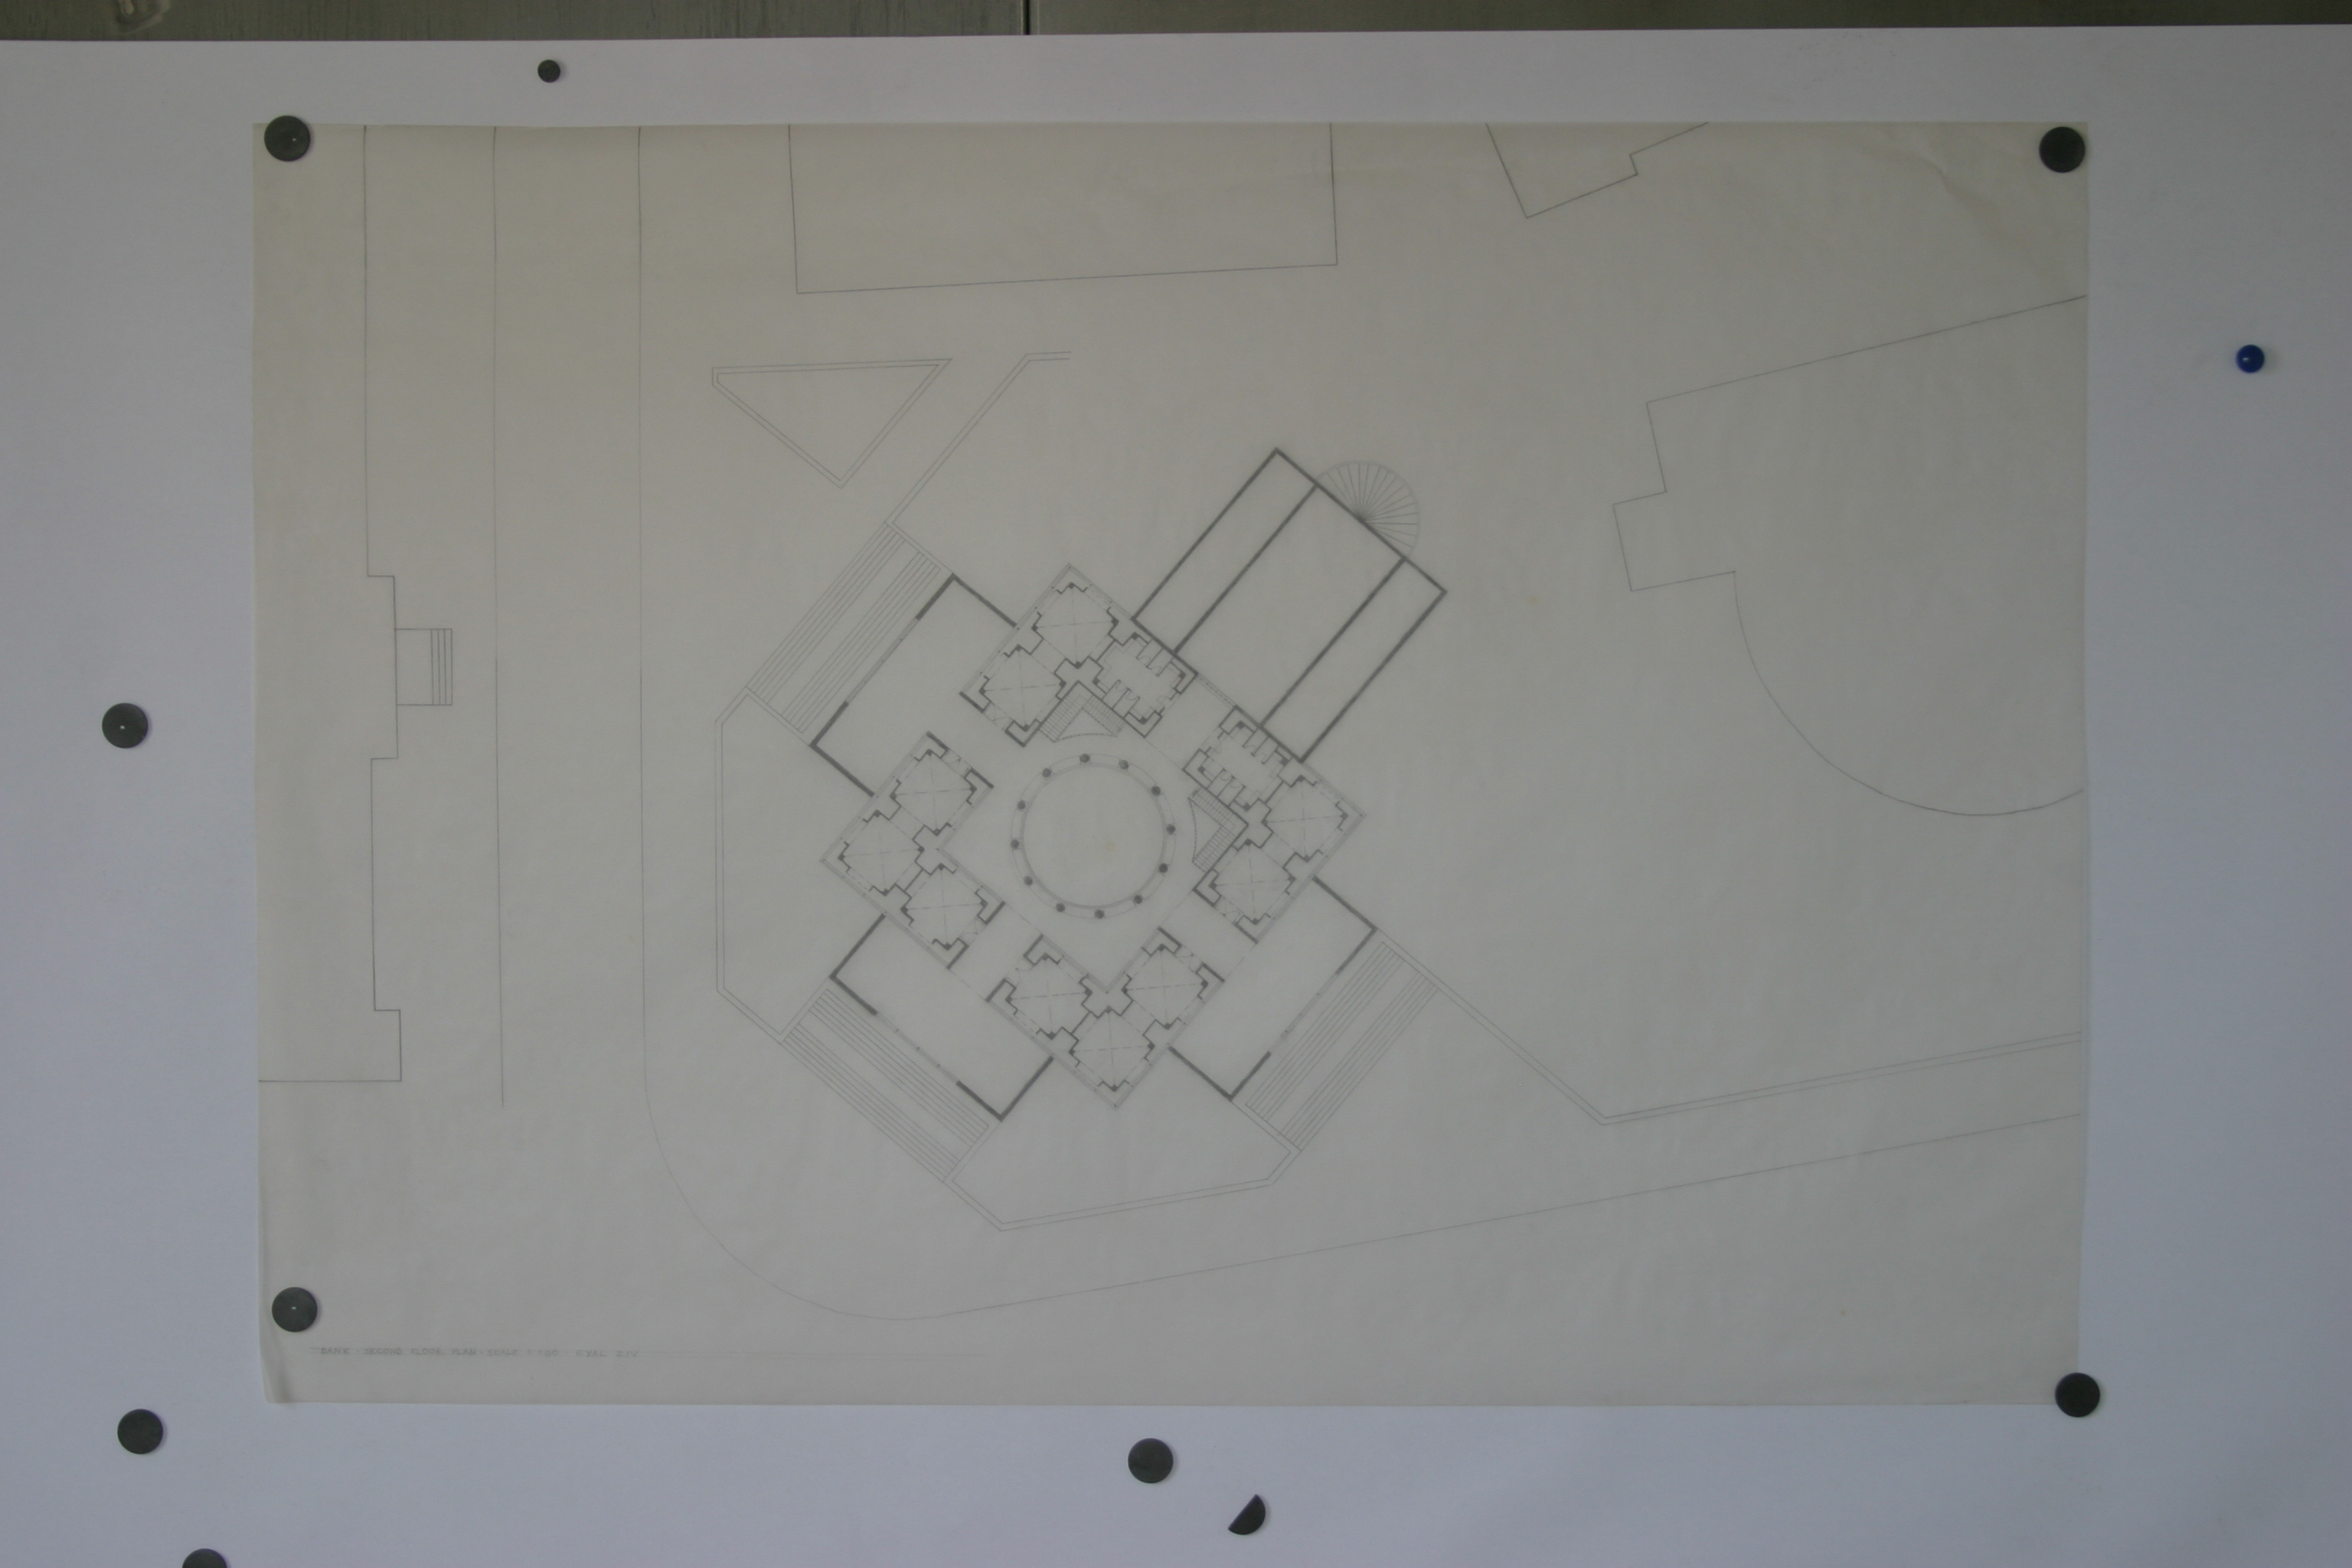 איל זיו אדריכלים-שיקום,שימור,שיחזור